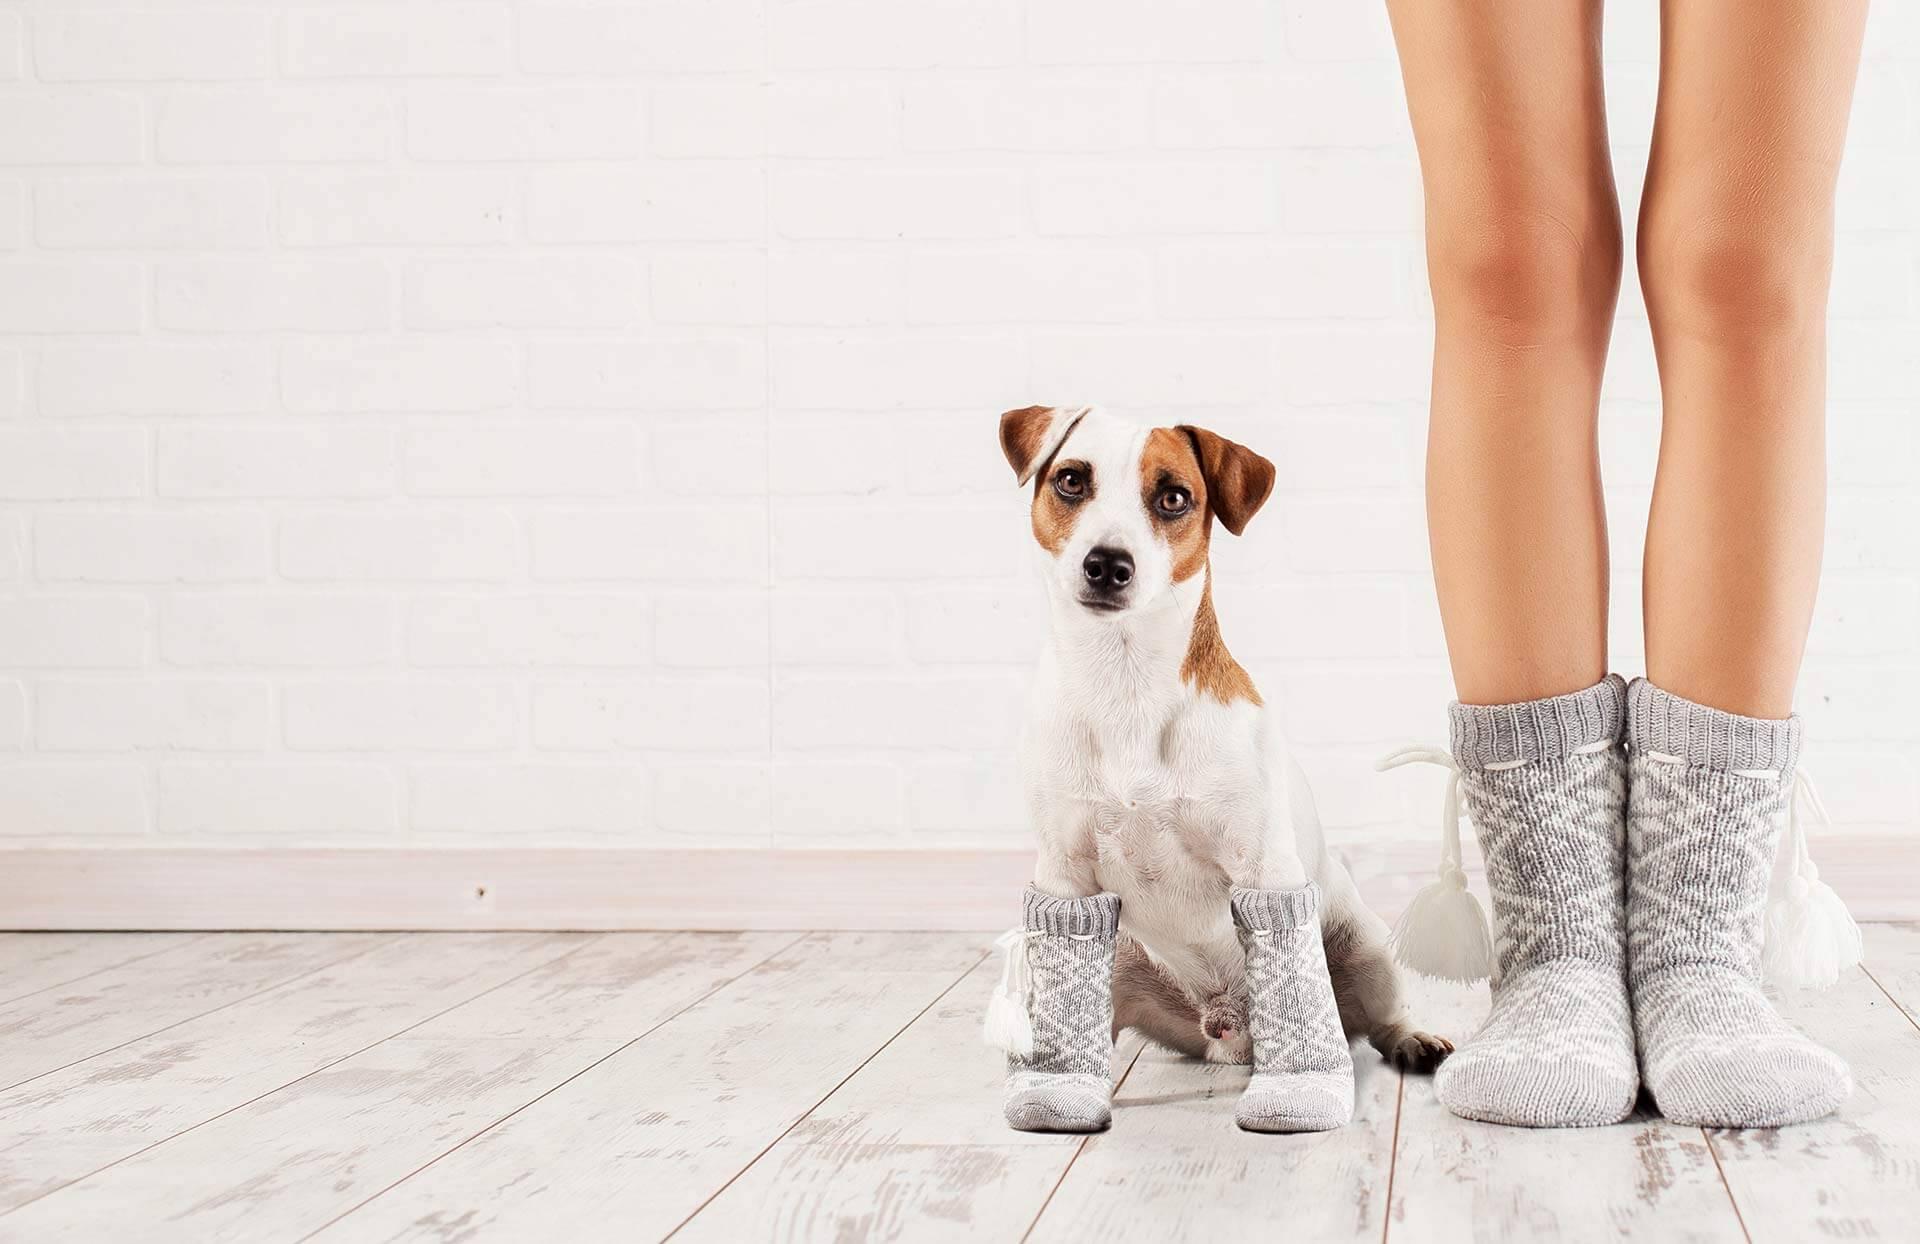 Dein Hund klaut Socken? Erfahre jetzt 5 Gründe